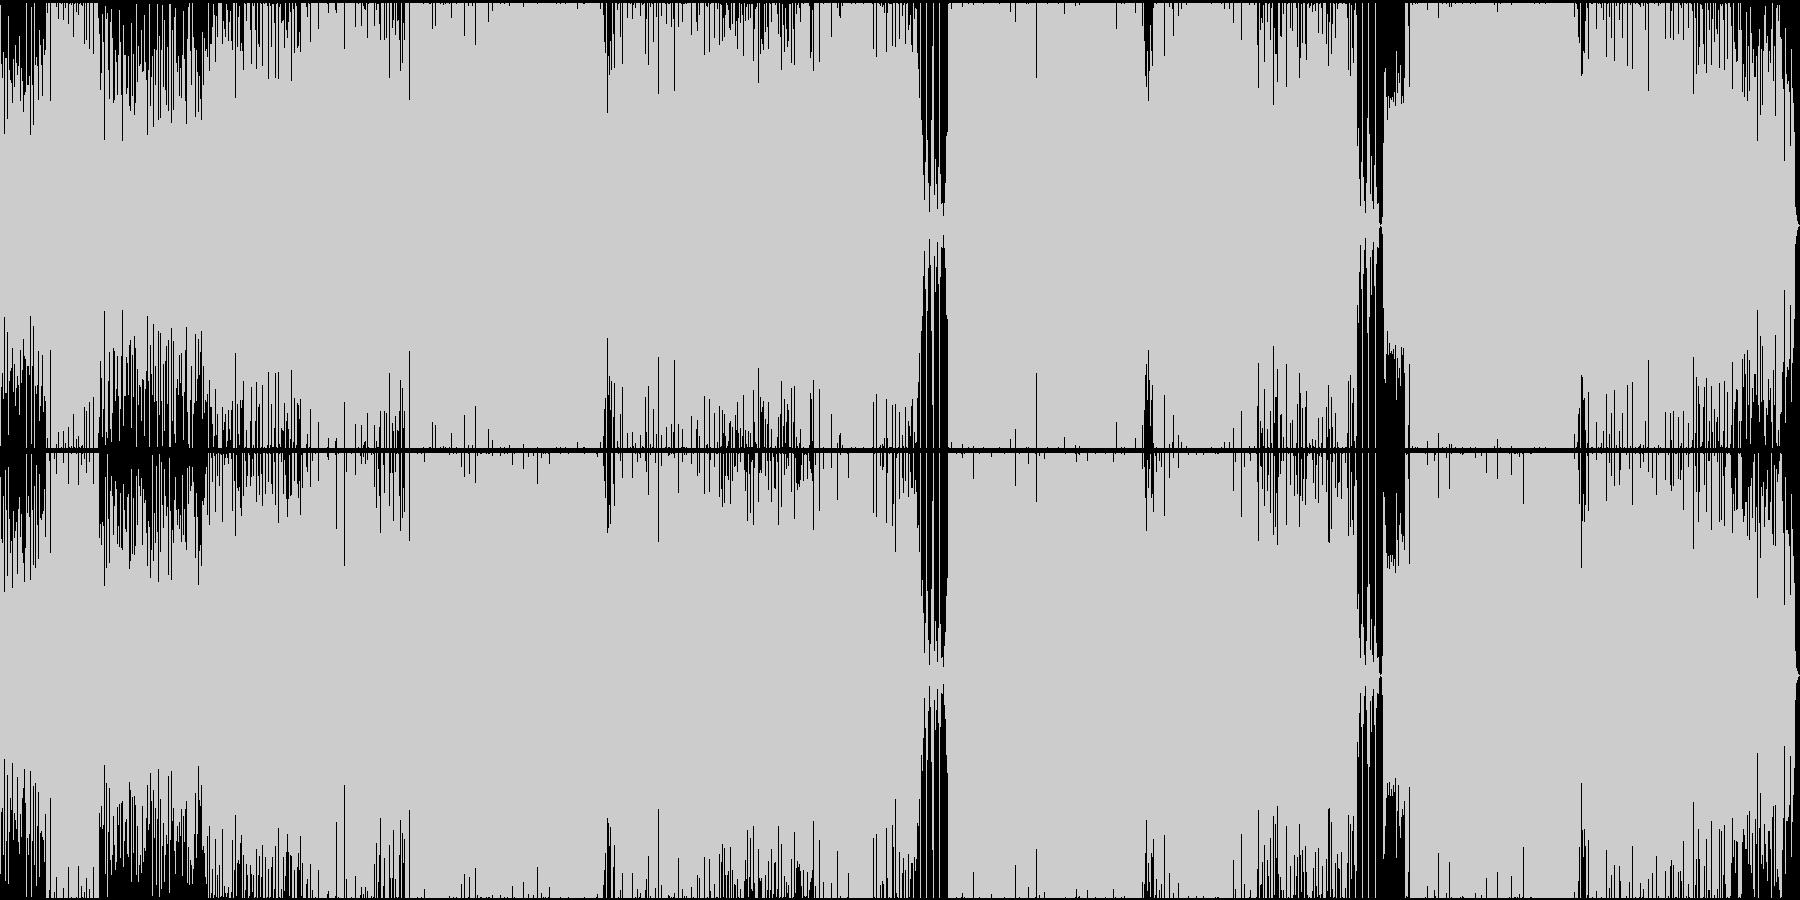 オシャレAORの未再生の波形